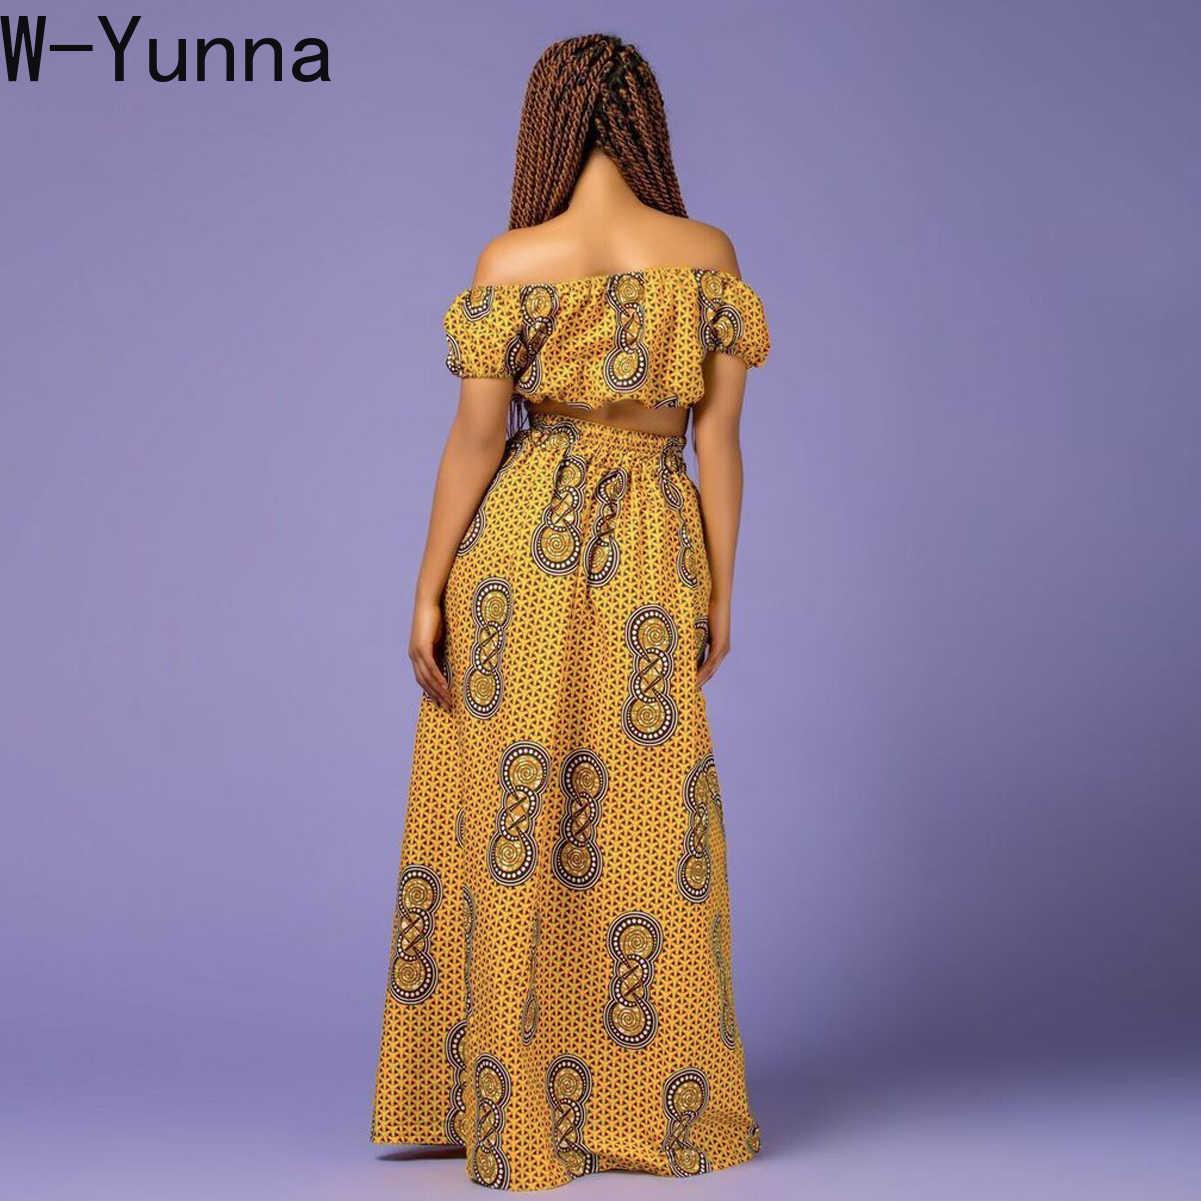 W-yunna 2019 kwiatowy Print Slash Neck Tupe Top długie spódnice Sexy afryki zestawy dla kobiet Crop Top Maxi spódnica lato dwuczęściowy zestaw